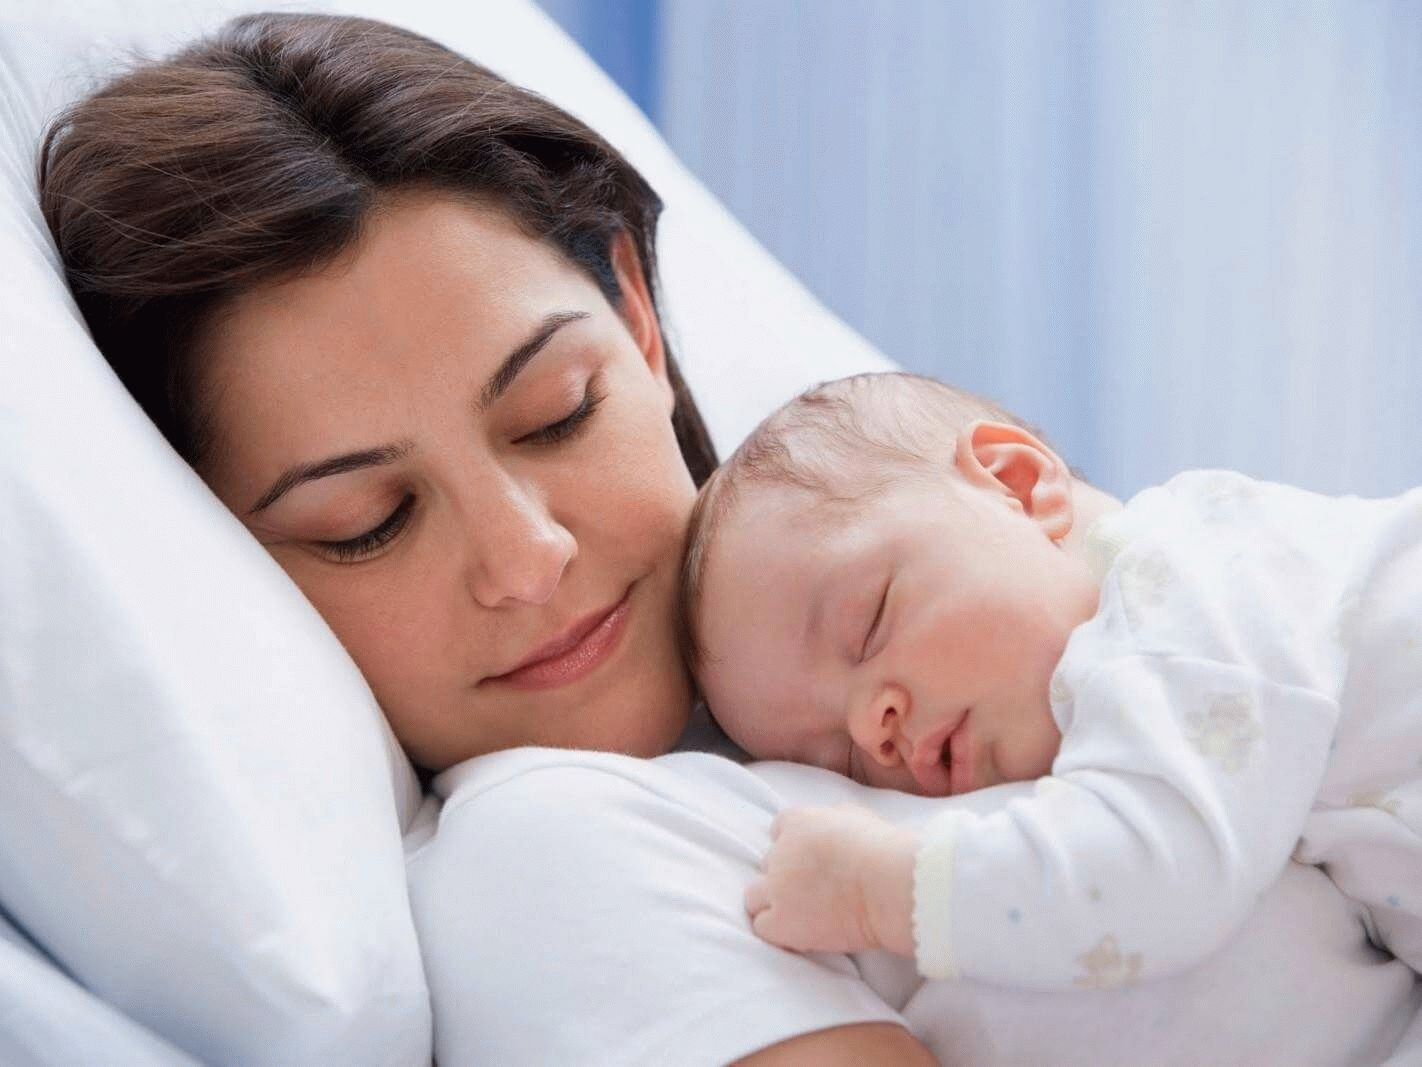 Температура тела кормящей матери — важный показатель её здоровья